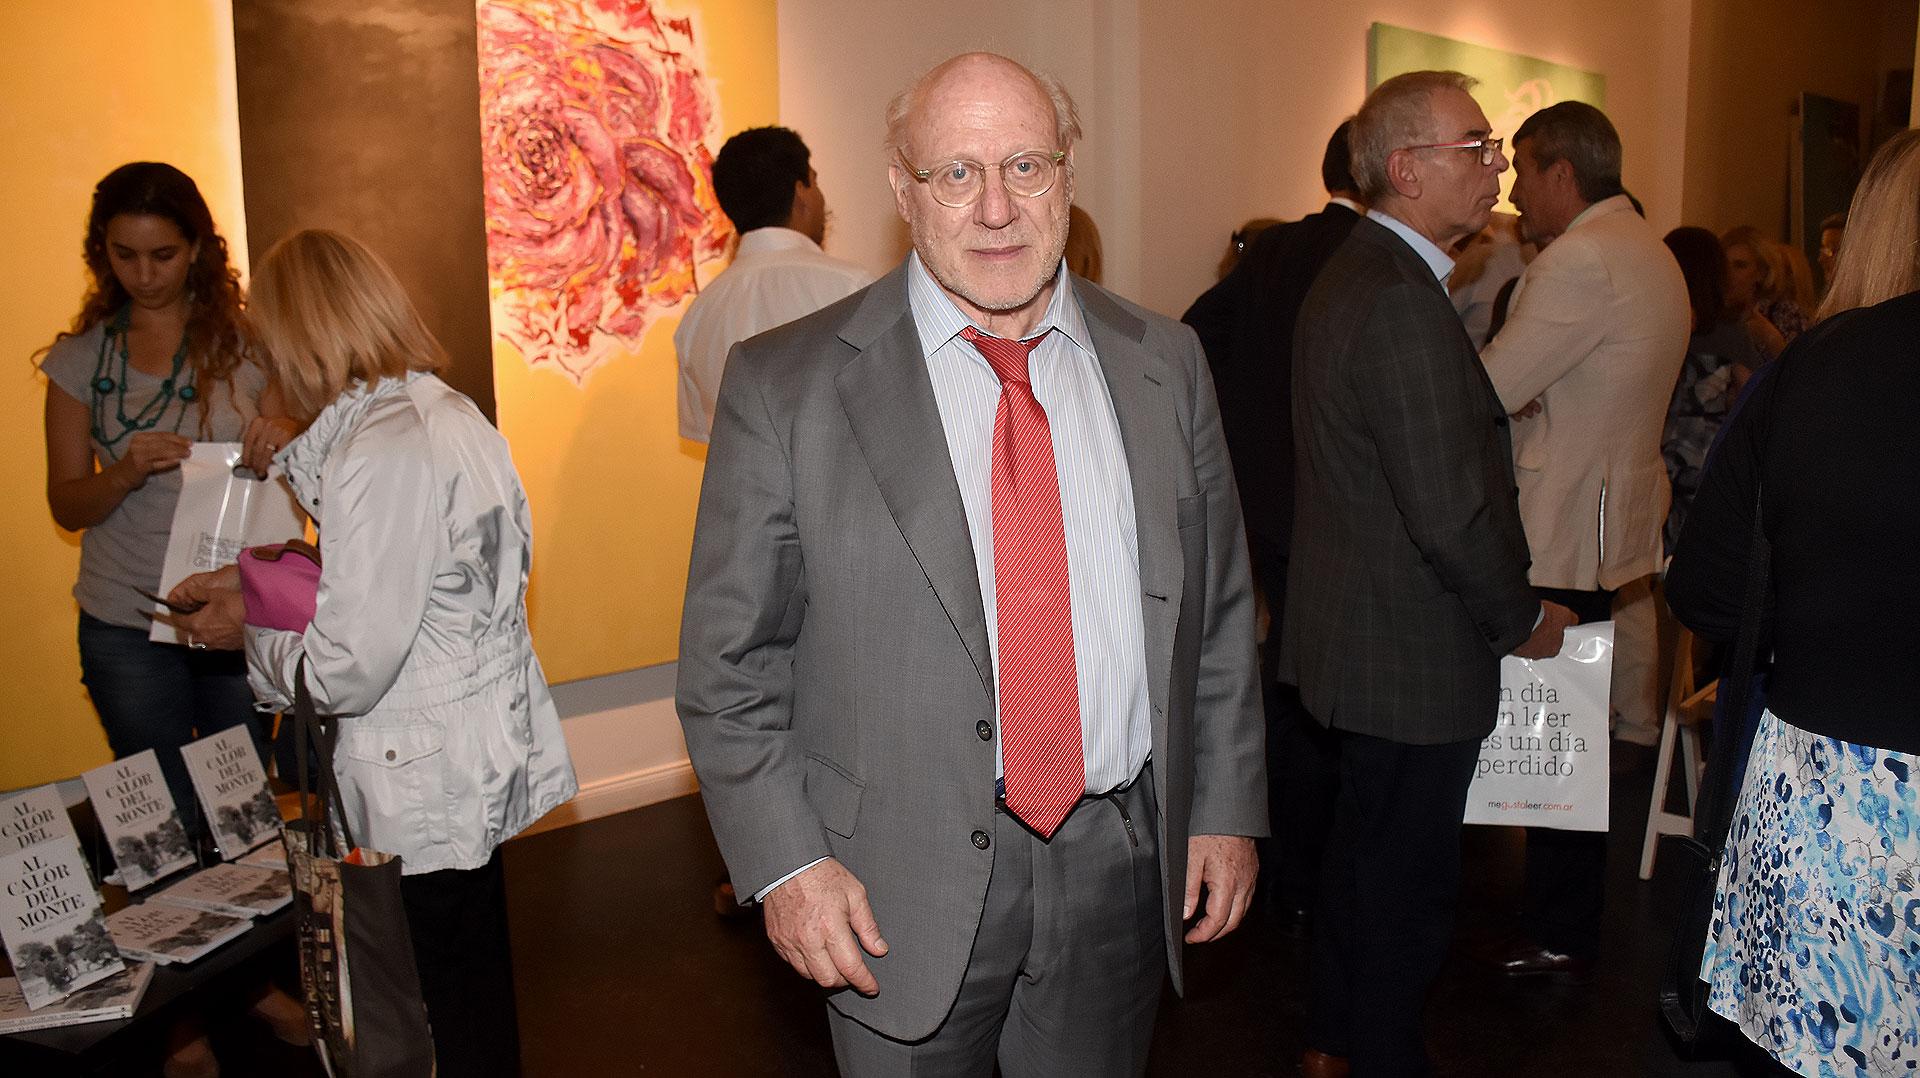 Julio César Crivelli, presidente de la Asociación Amigos del Museo Nacional de Bellas Artes